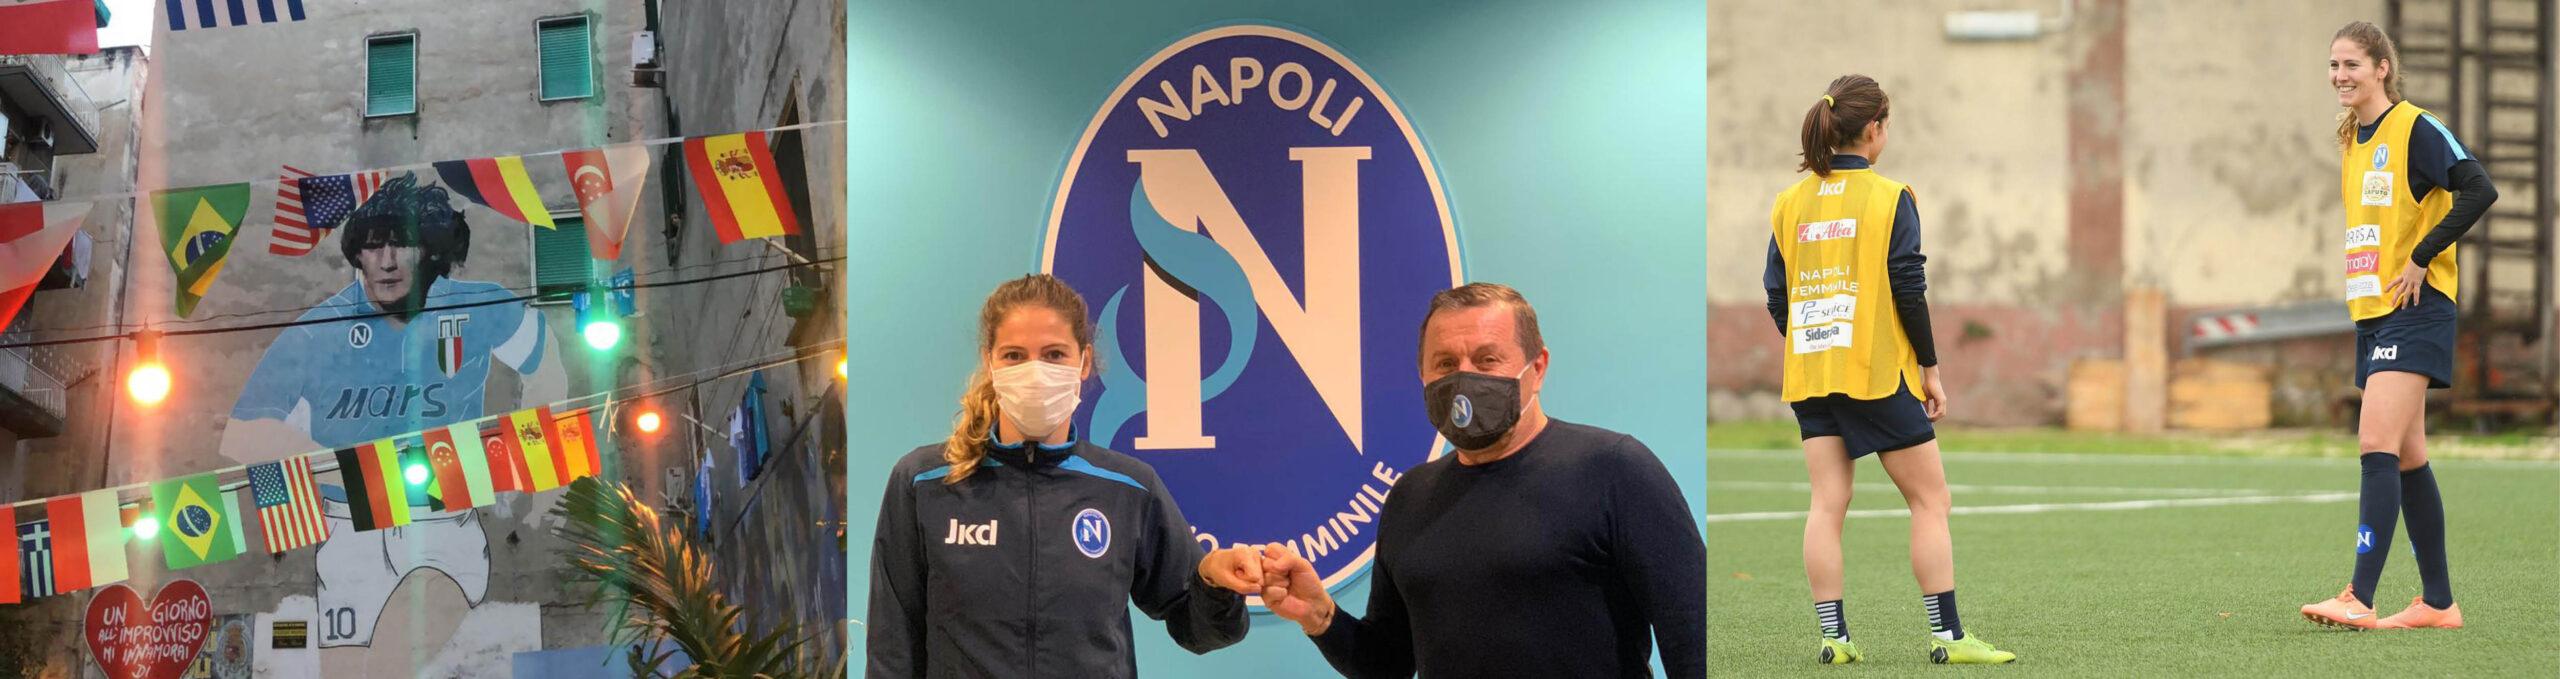 Solid consultant | Pia Rijsdijk | Transfer Napoli